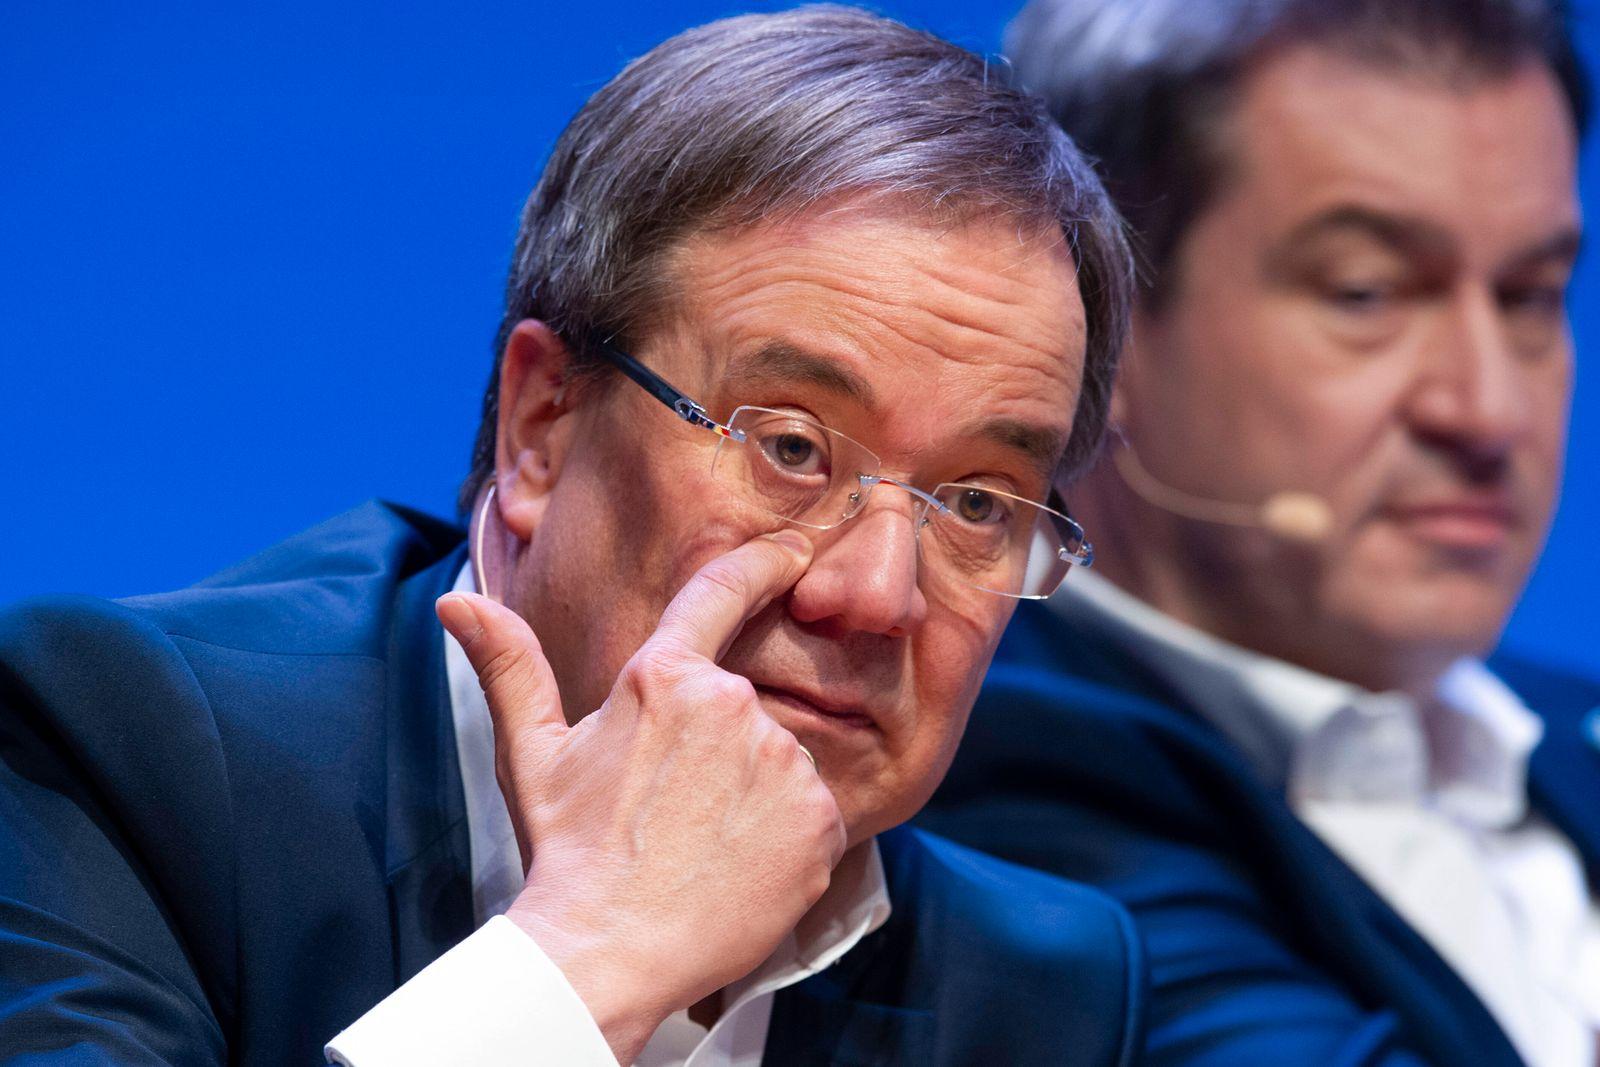 Machtkampf zwischen Markus SOEDER (Ministerpraesident Bayern und CSU Vorsitzender) und Armin LASCHET Archivfoto: Armin L